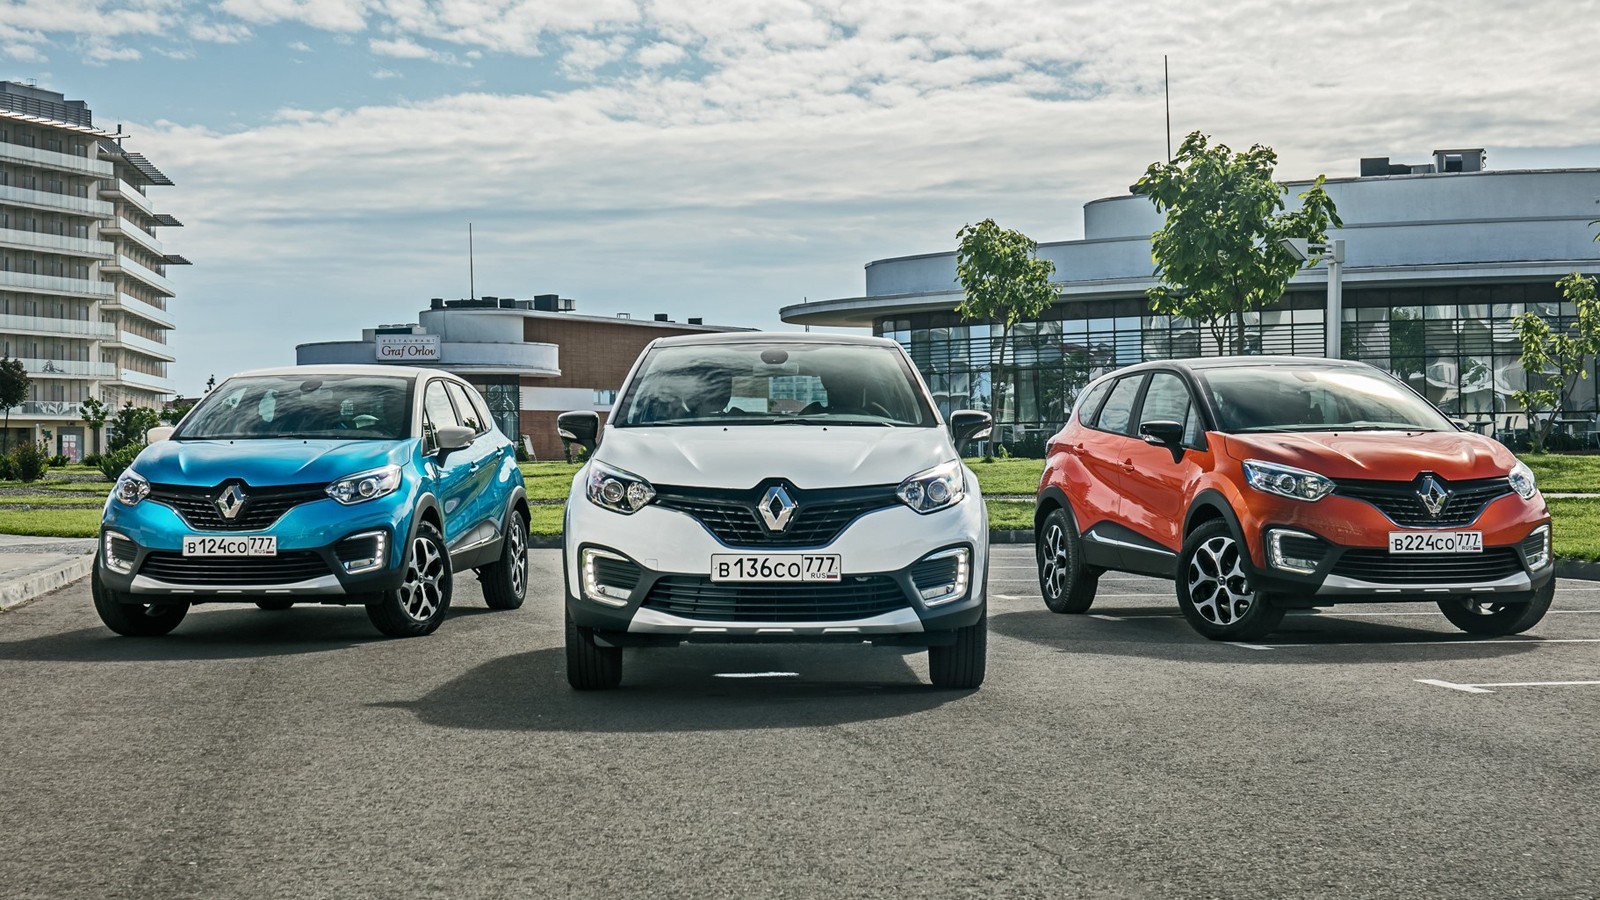 Renault_78448_ru_ru